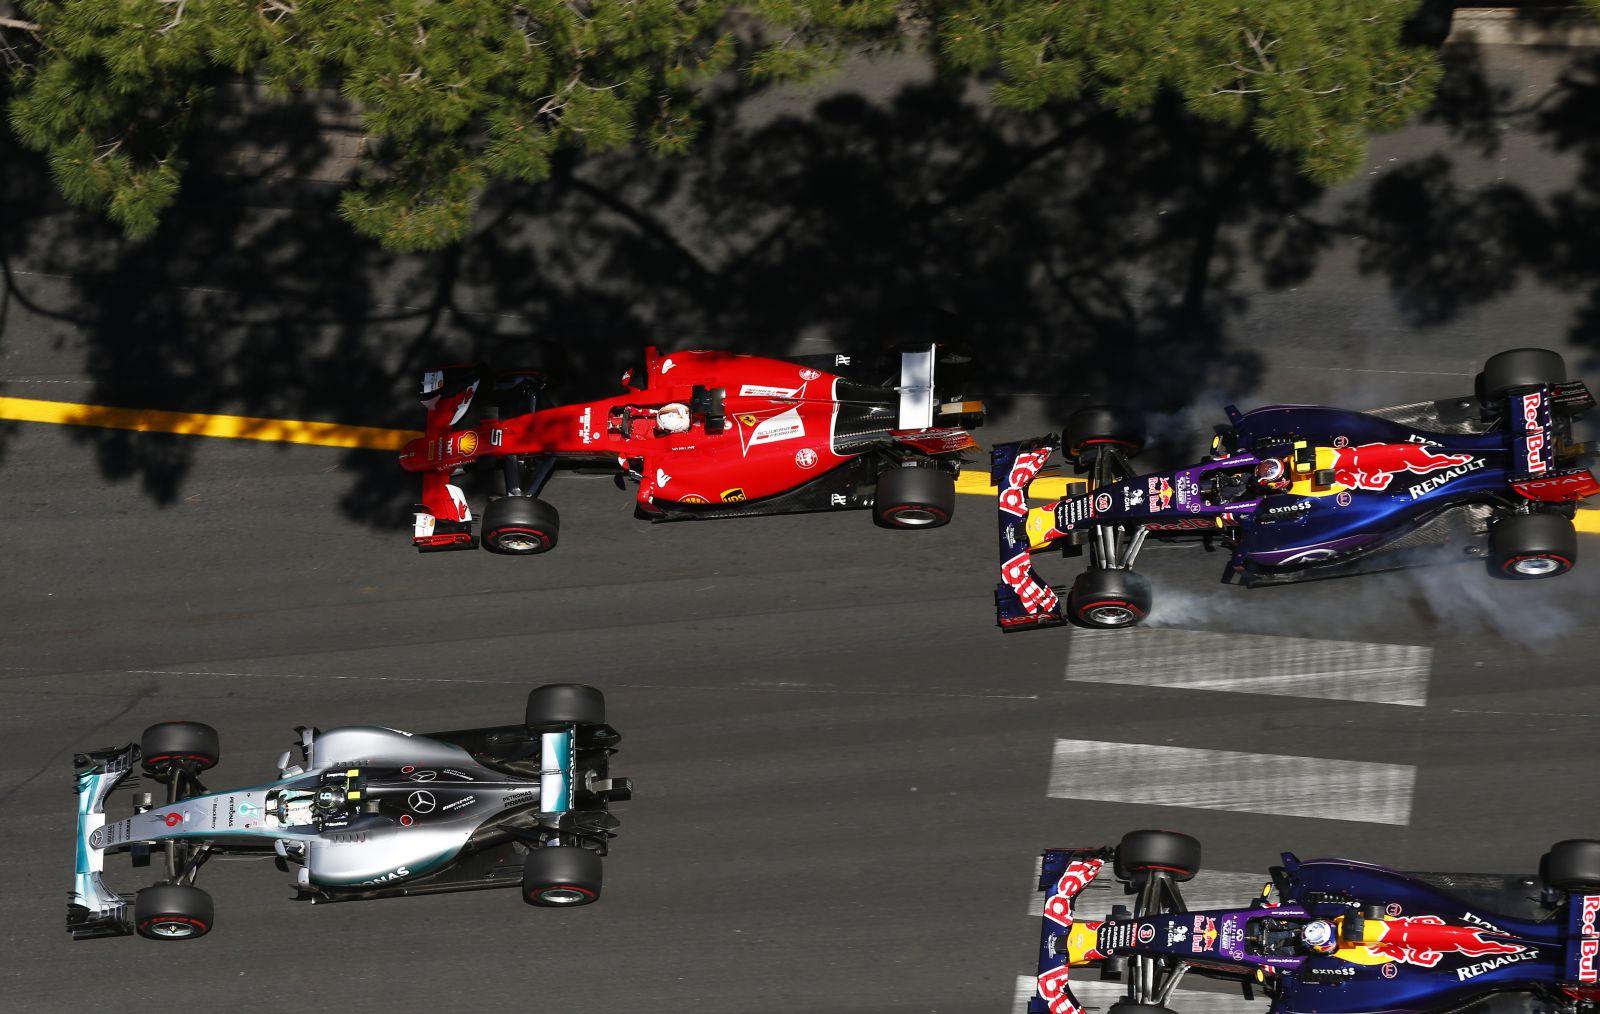 Ricciardo biztosan nem lesz Raikkonen utódja, ha a finn távozik a Ferraritól